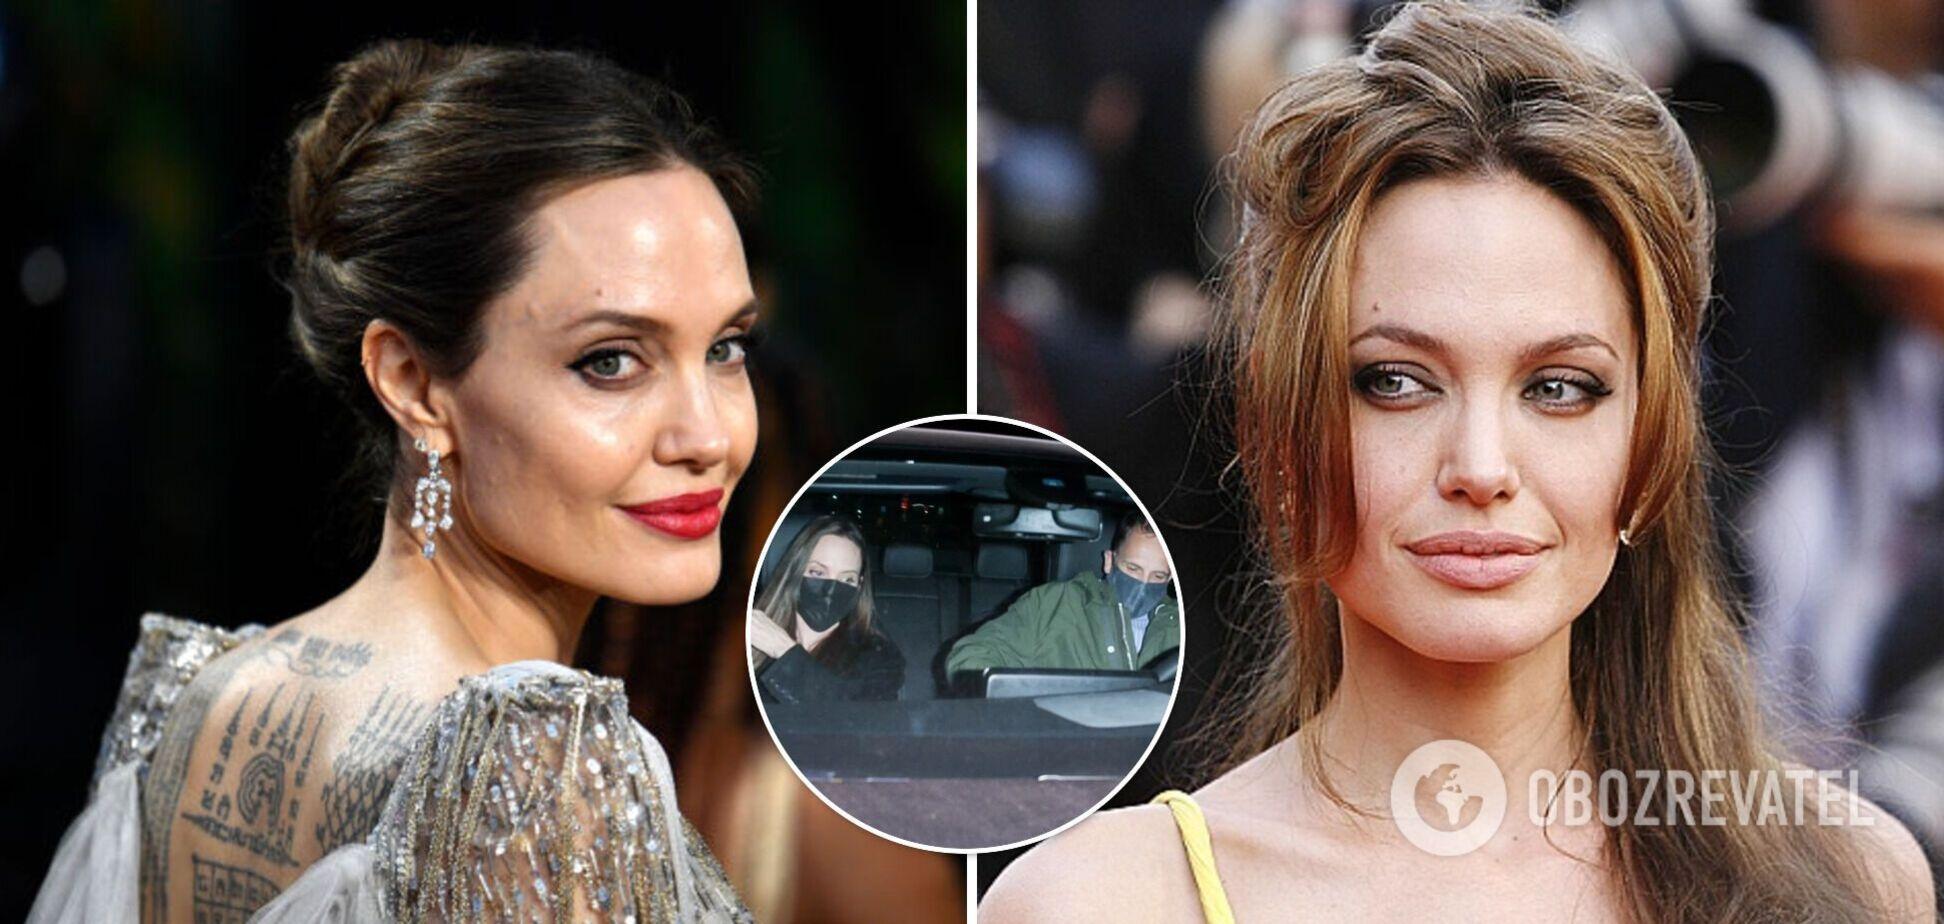 Анджелину Джоли заметили на свидании с бывшим мужем в Беверли-Хиллс. Фото